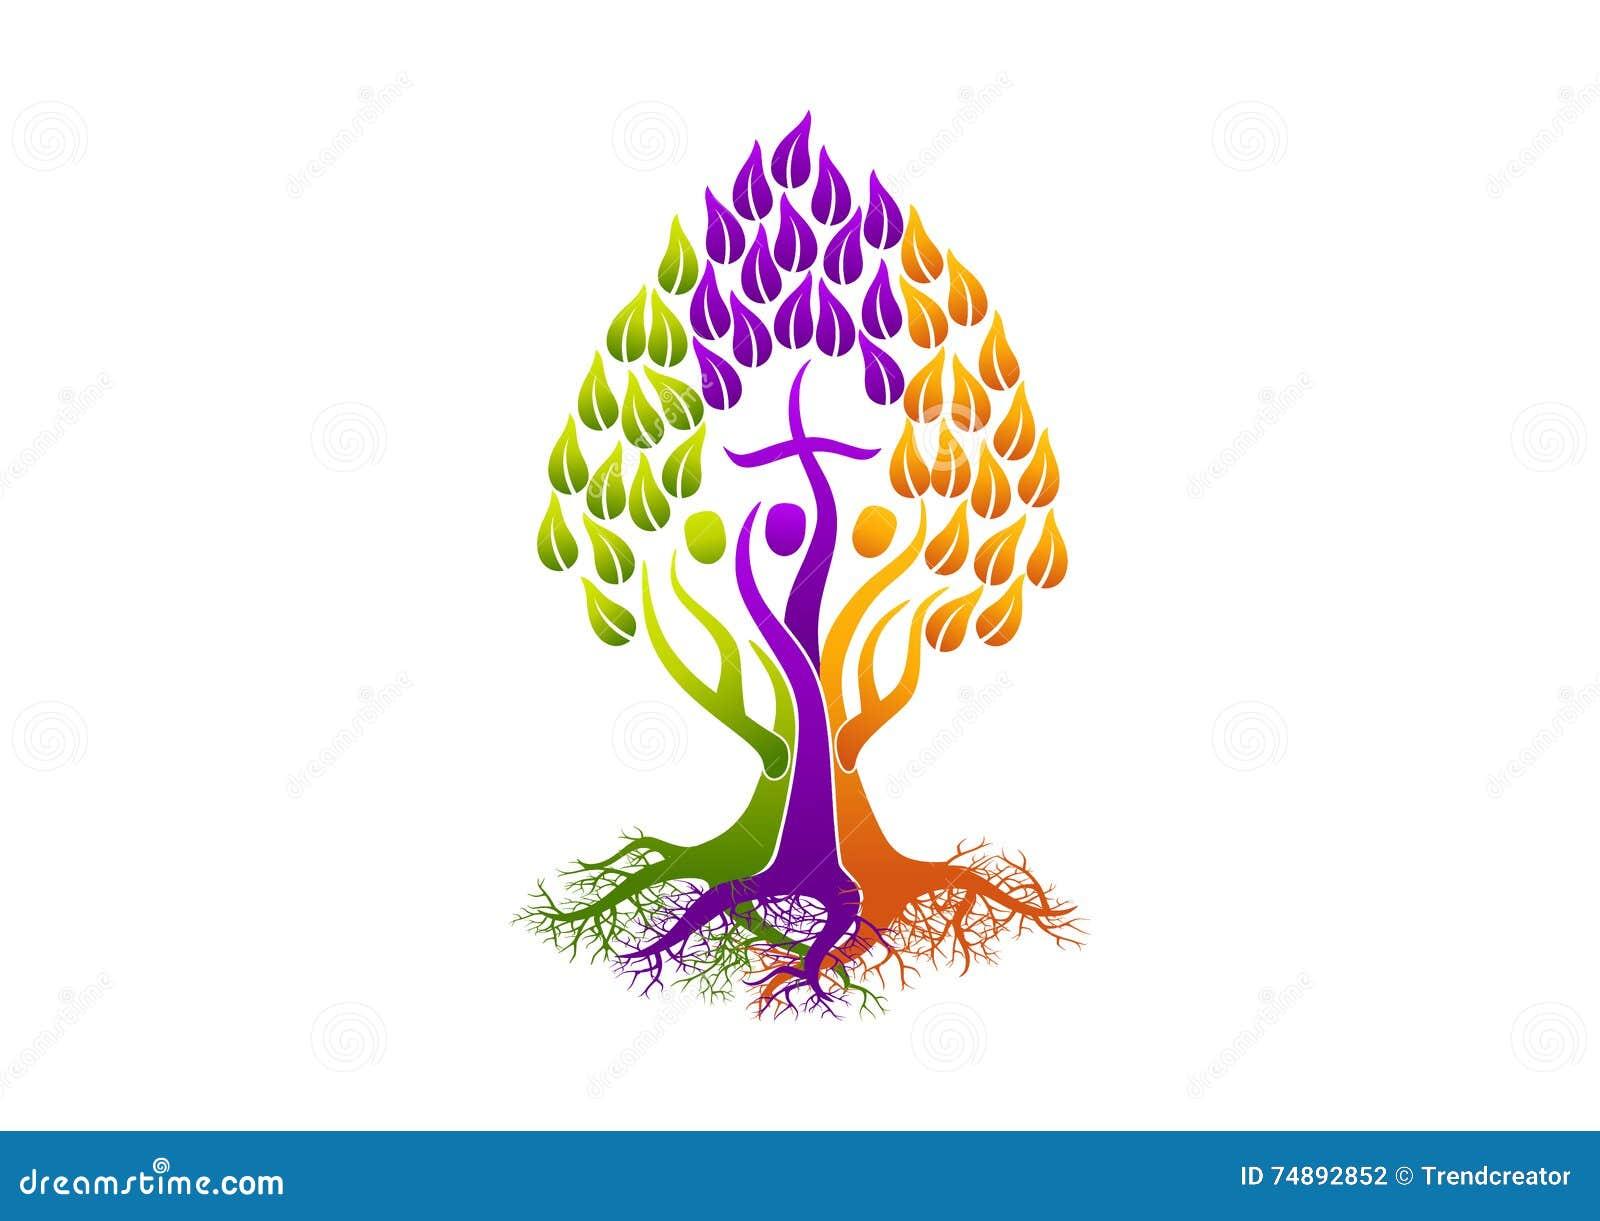 基督徒人商标,根象圣灵树,家庭教会传染媒介标志设计